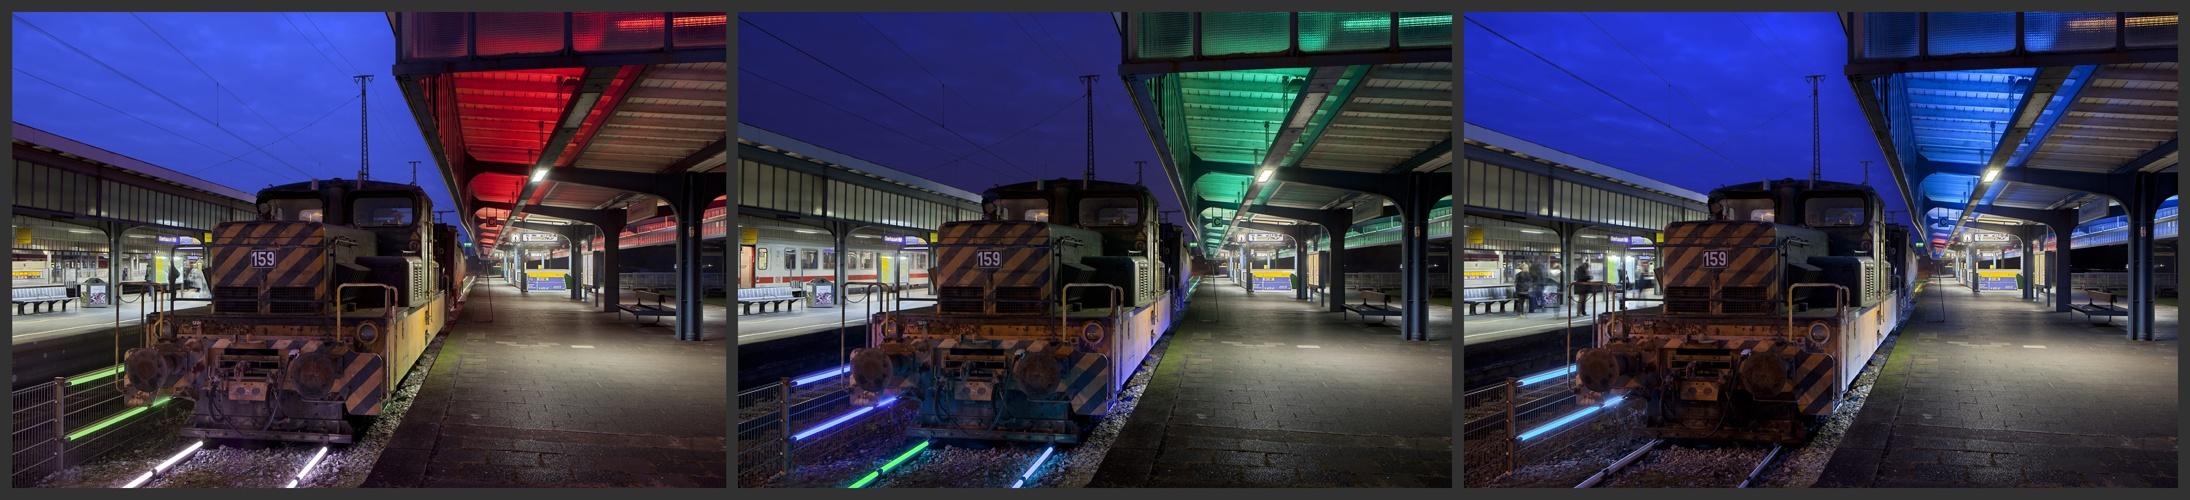 Museumsbahnsteig Oberhausen IV – R G B